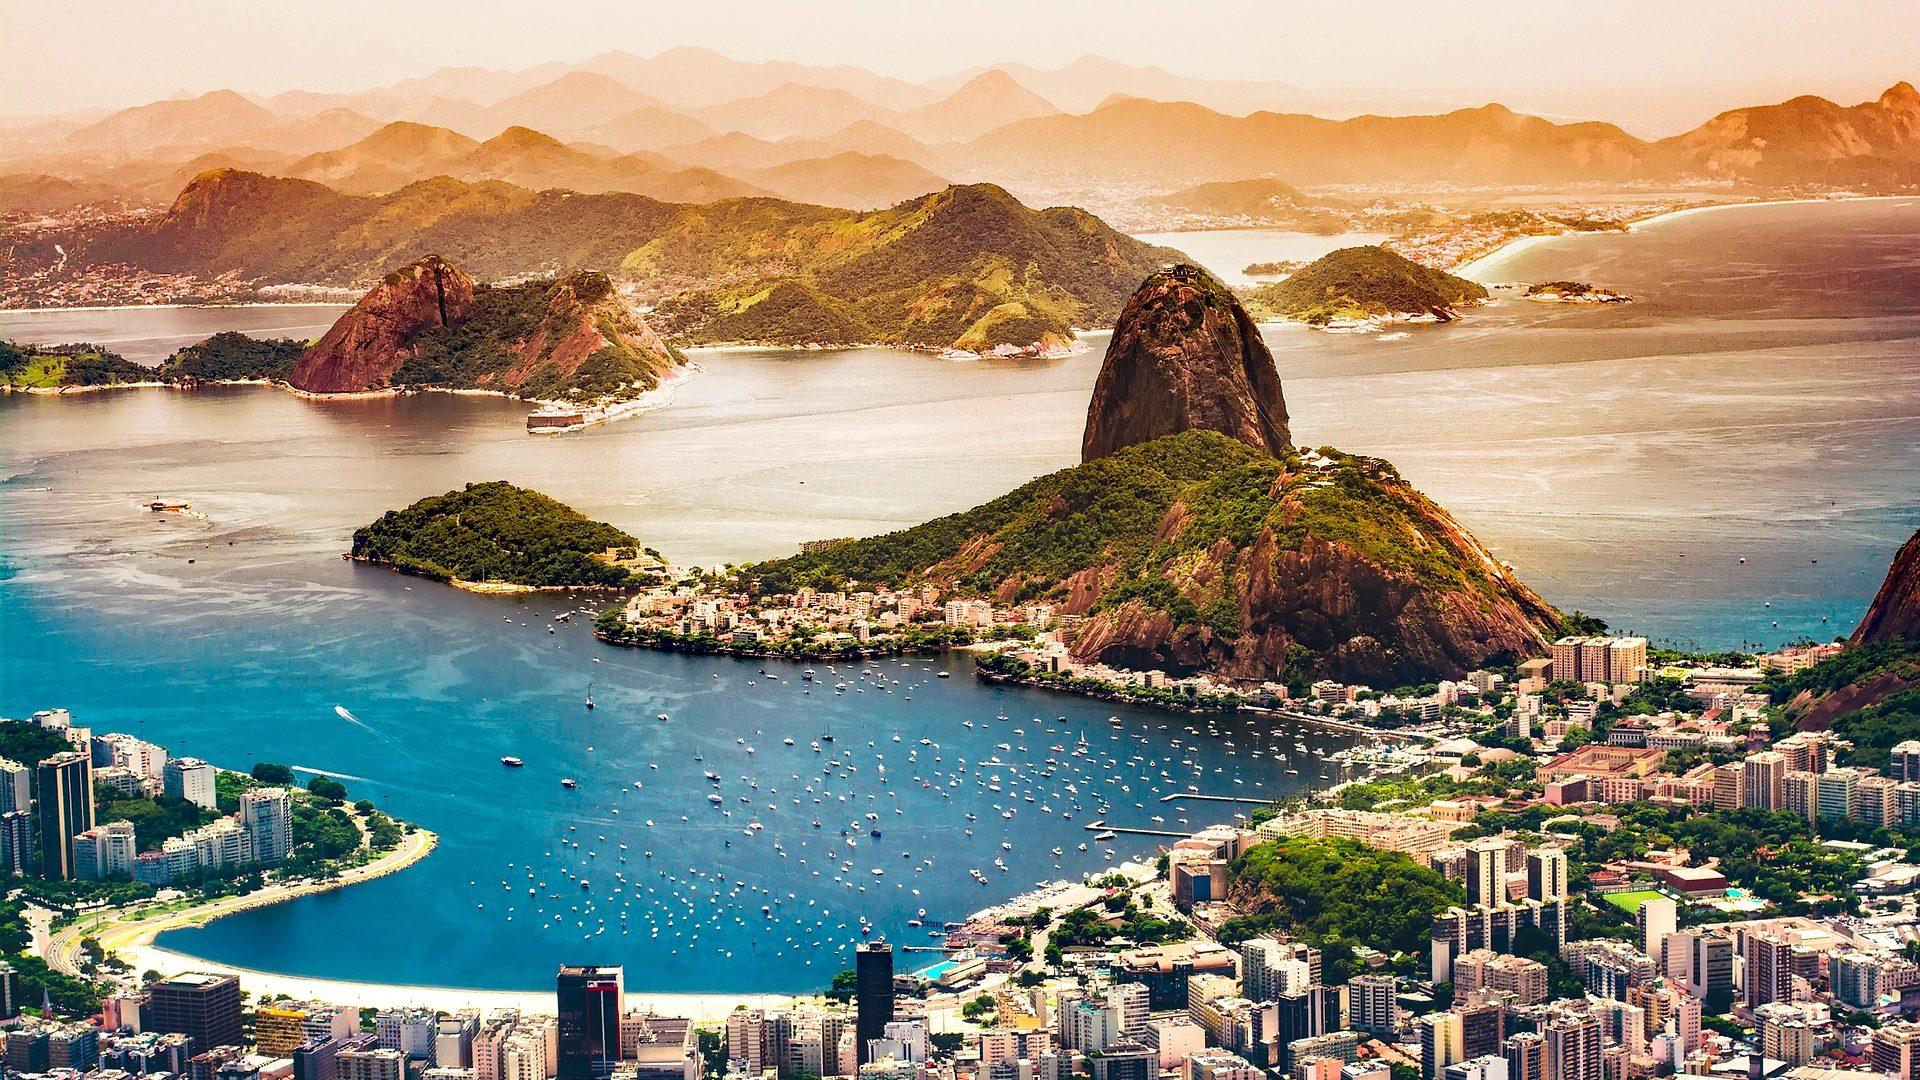 Berlin (TXL) – Rio de Janeiro (GIG)